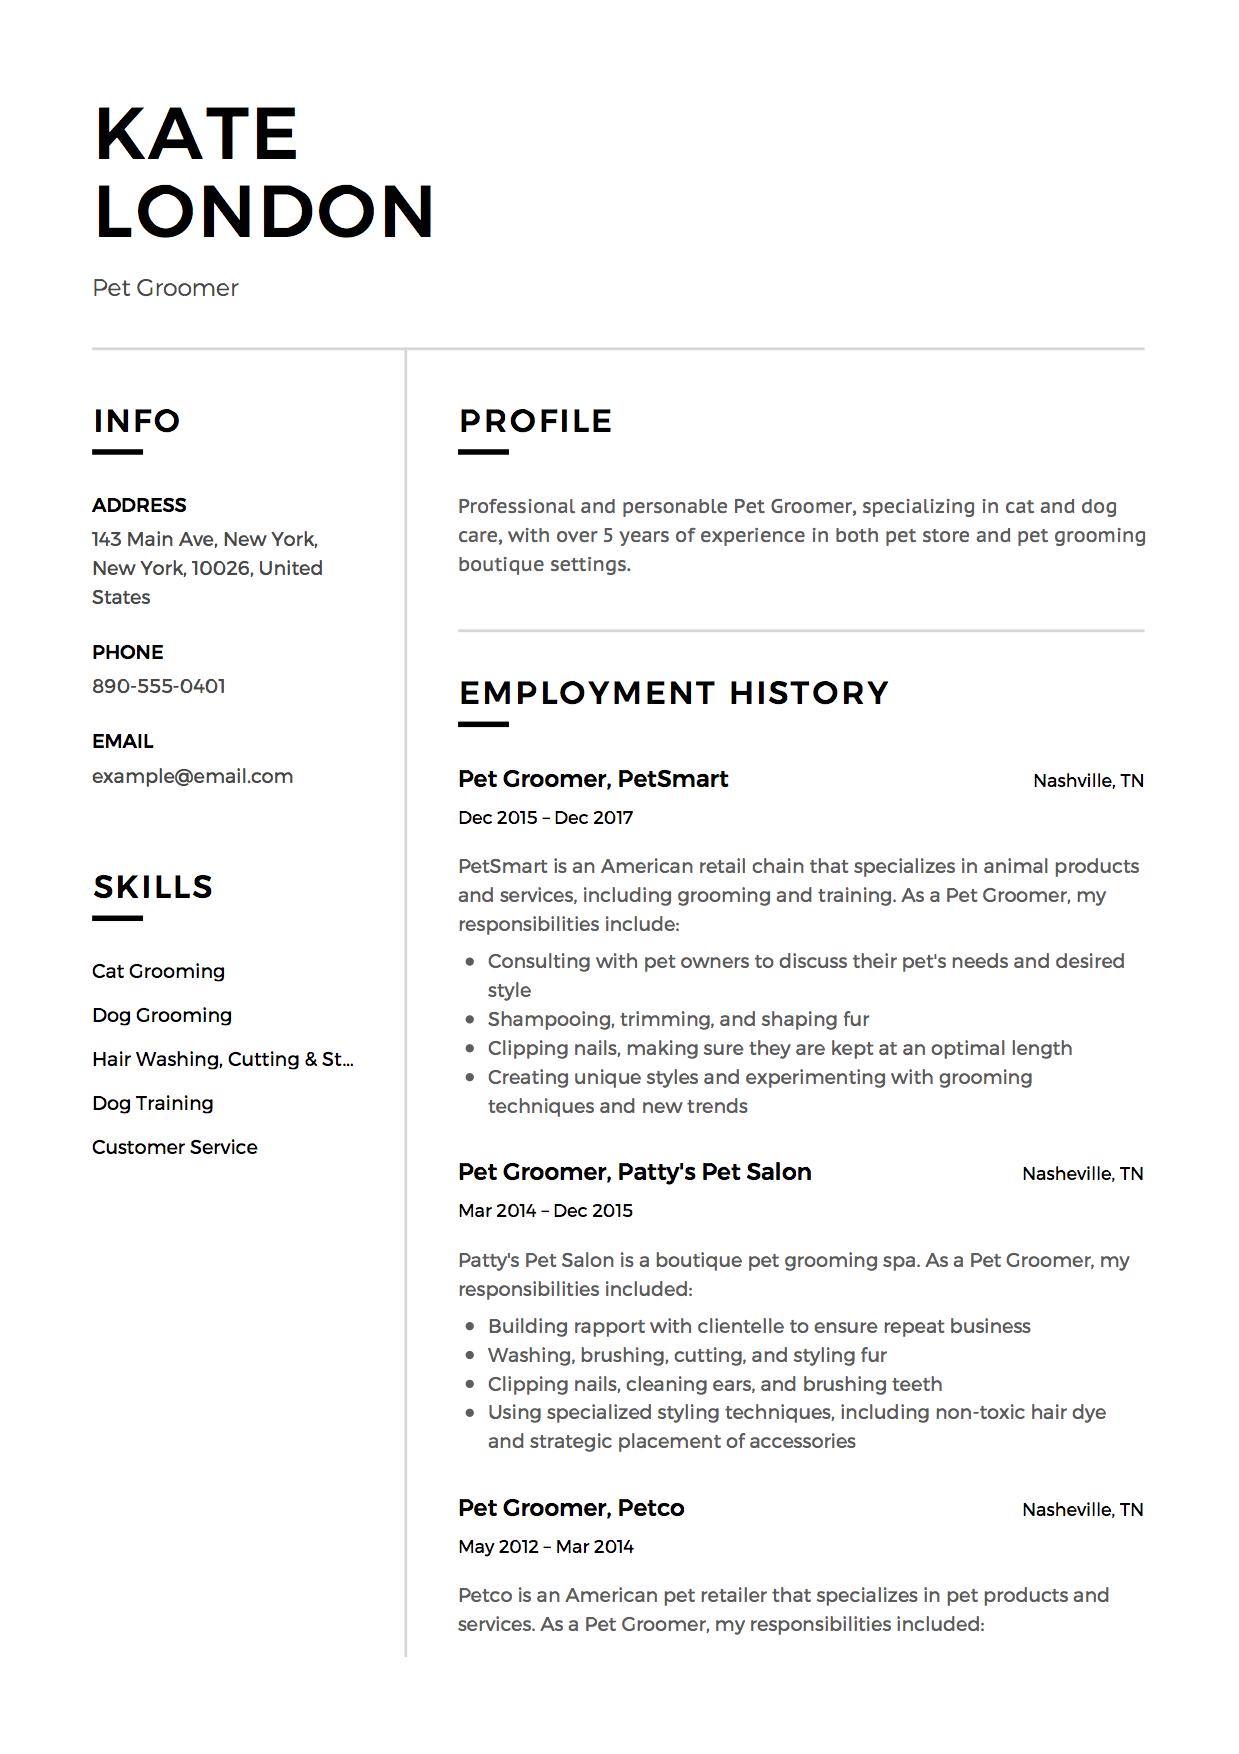 grooming resume template